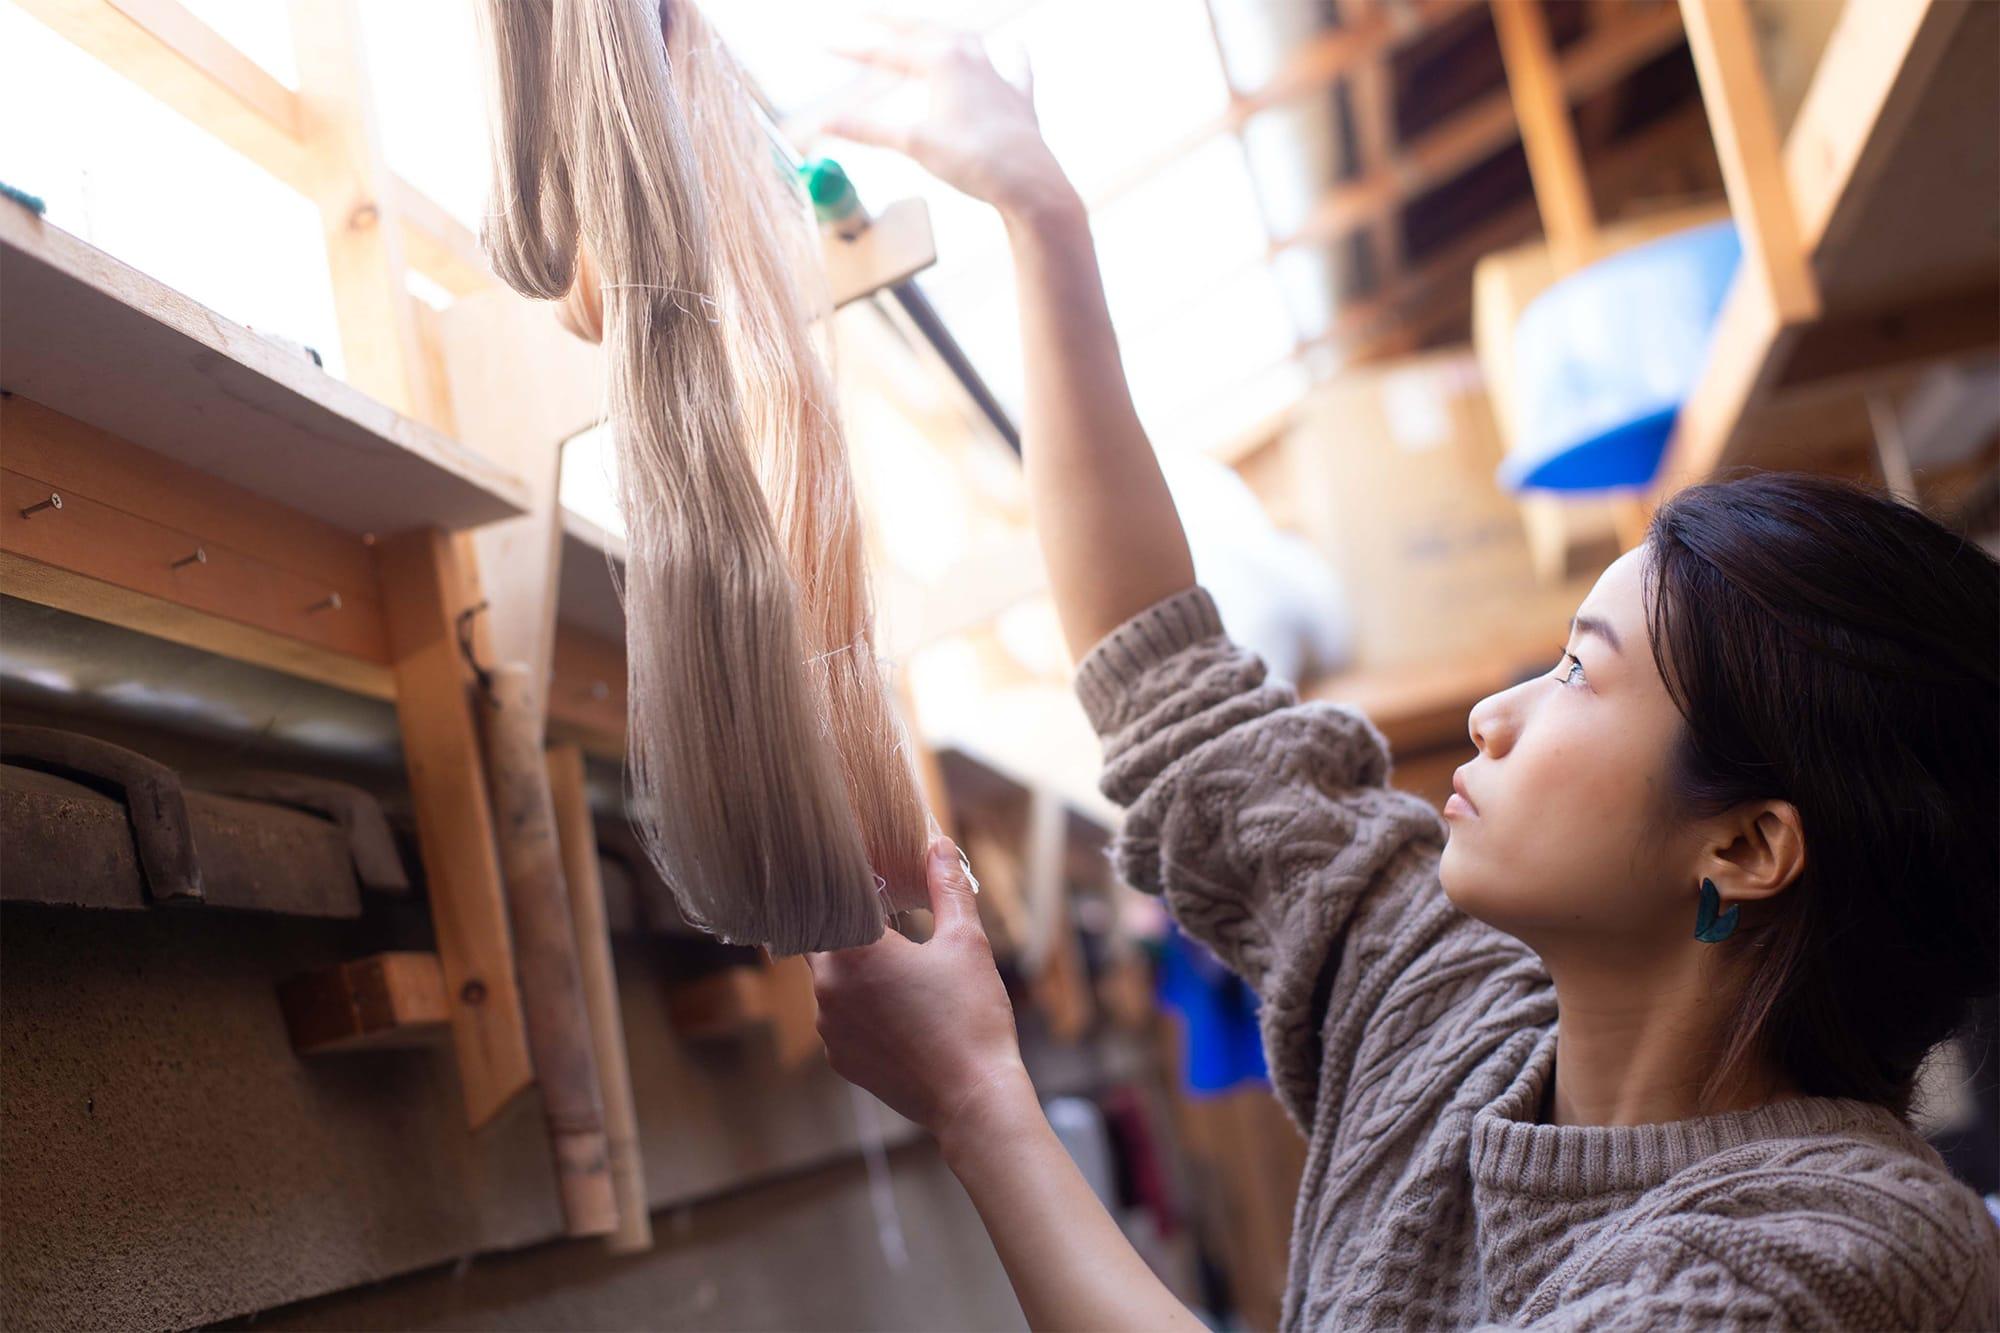 アトリエシムラで生み出されるきものやストールなどは、すべて手機による手織。草木の色で染めた紬糸を、経糸・緯糸それぞれ丹念に織りあげていく。